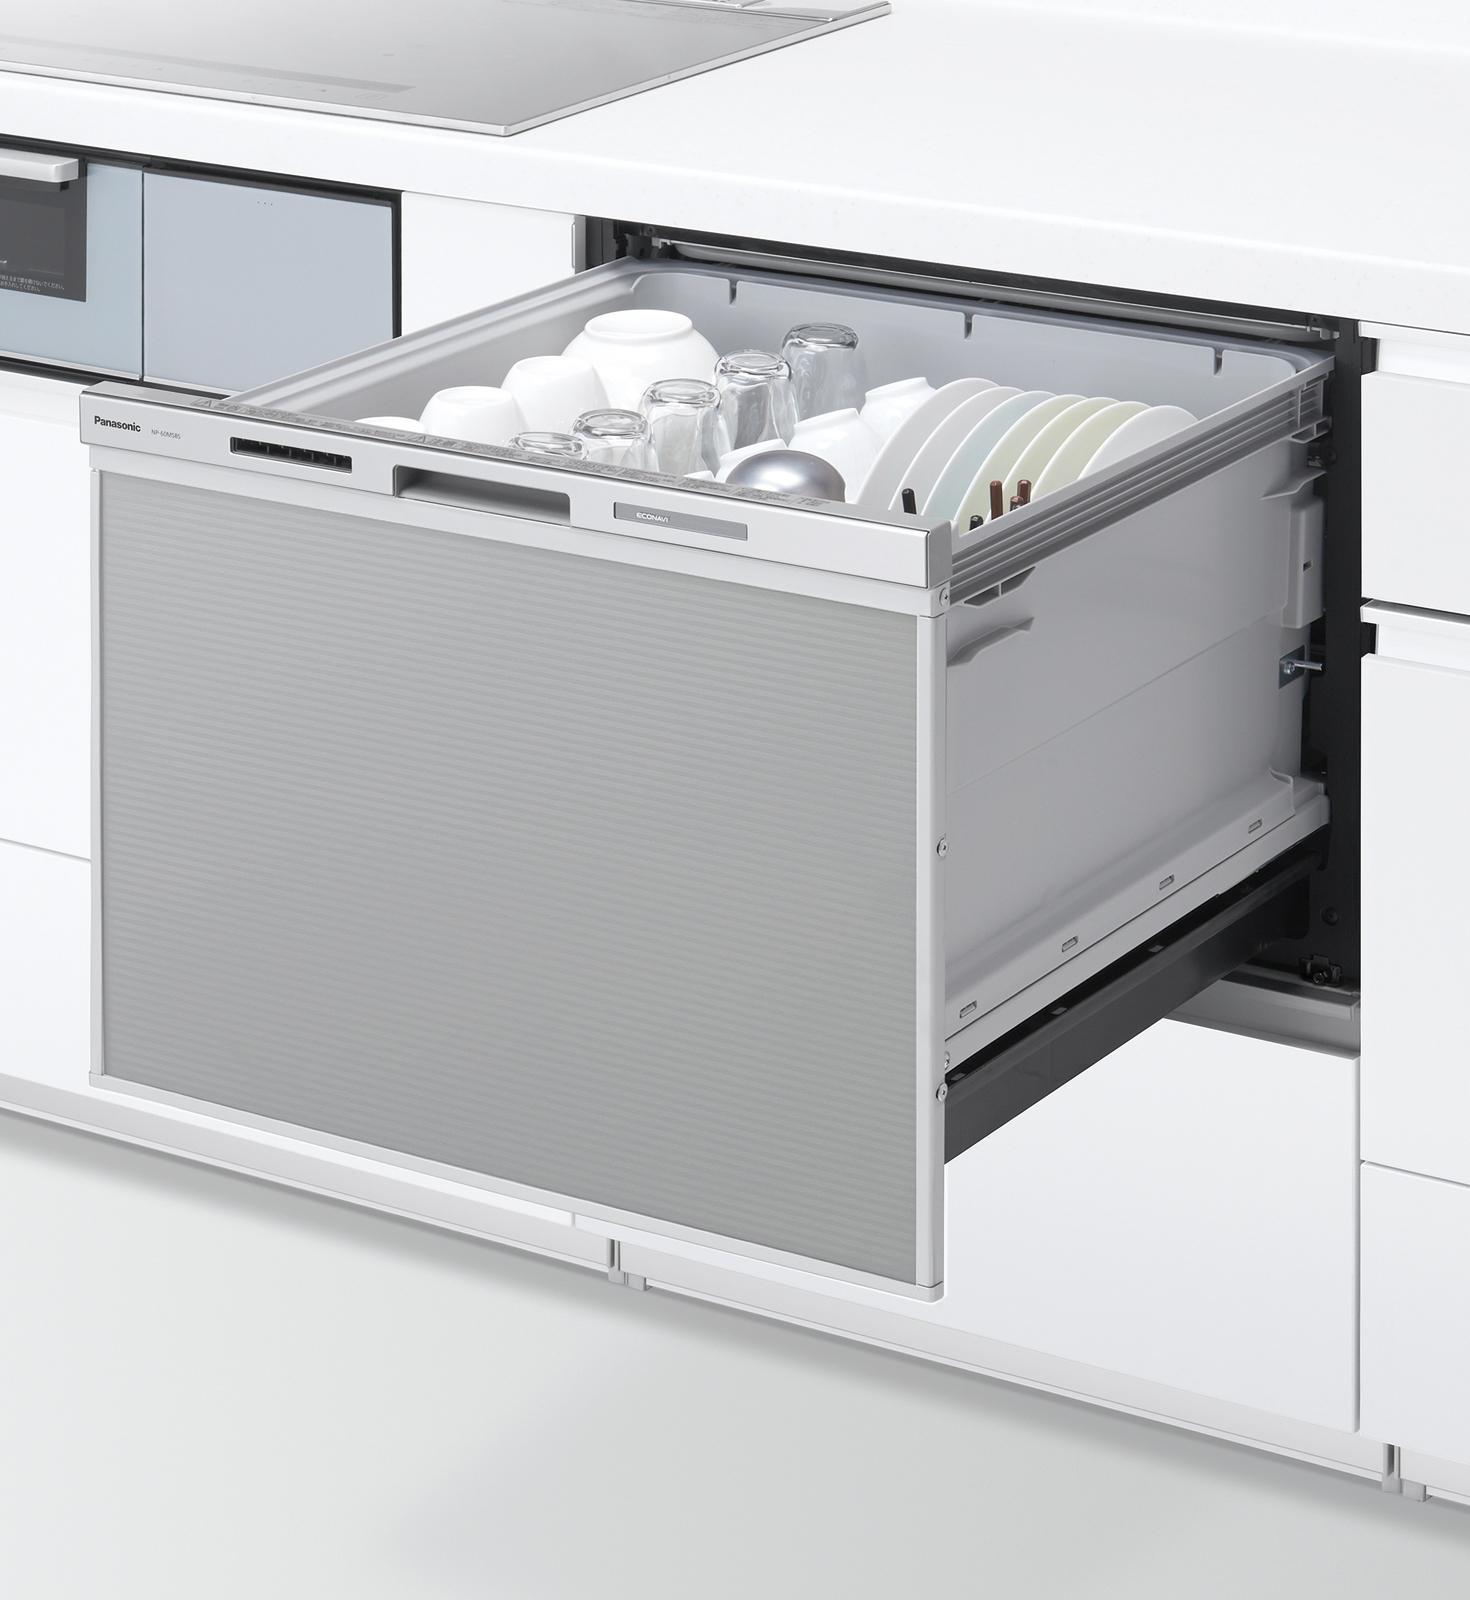 パナソニック・ビルトイン食器洗い乾燥機 【ワイドタイプ】NP-60MS8S